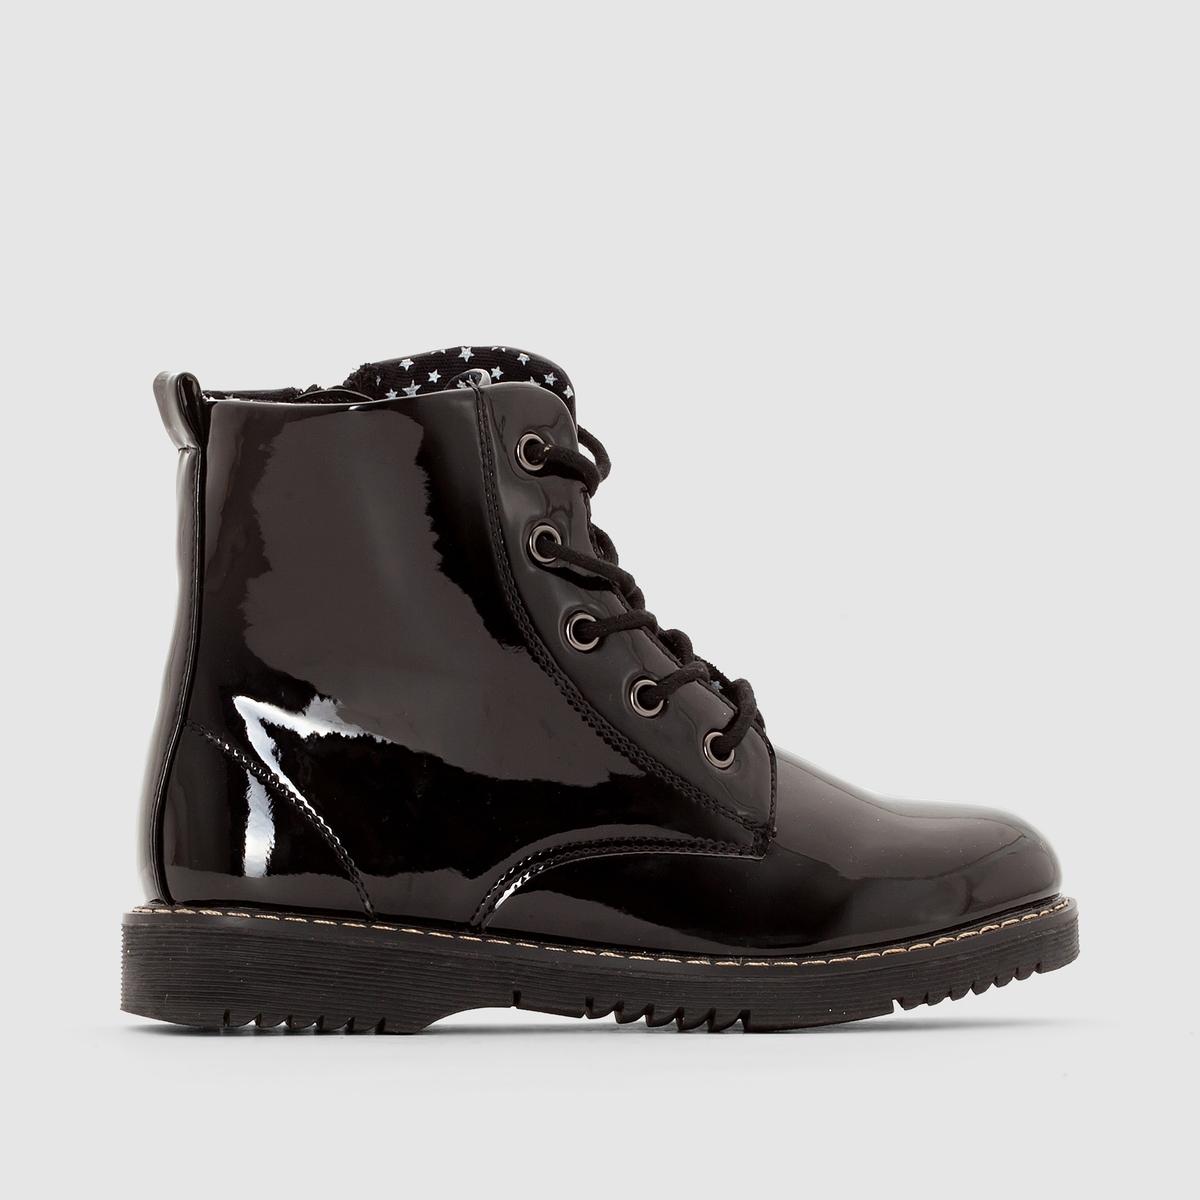 Ботинки лакированные на шнуровке.Застежка: шнуровка и молния сбоку до 35 размера.<br><br>Цвет: красный лак,Черный лак